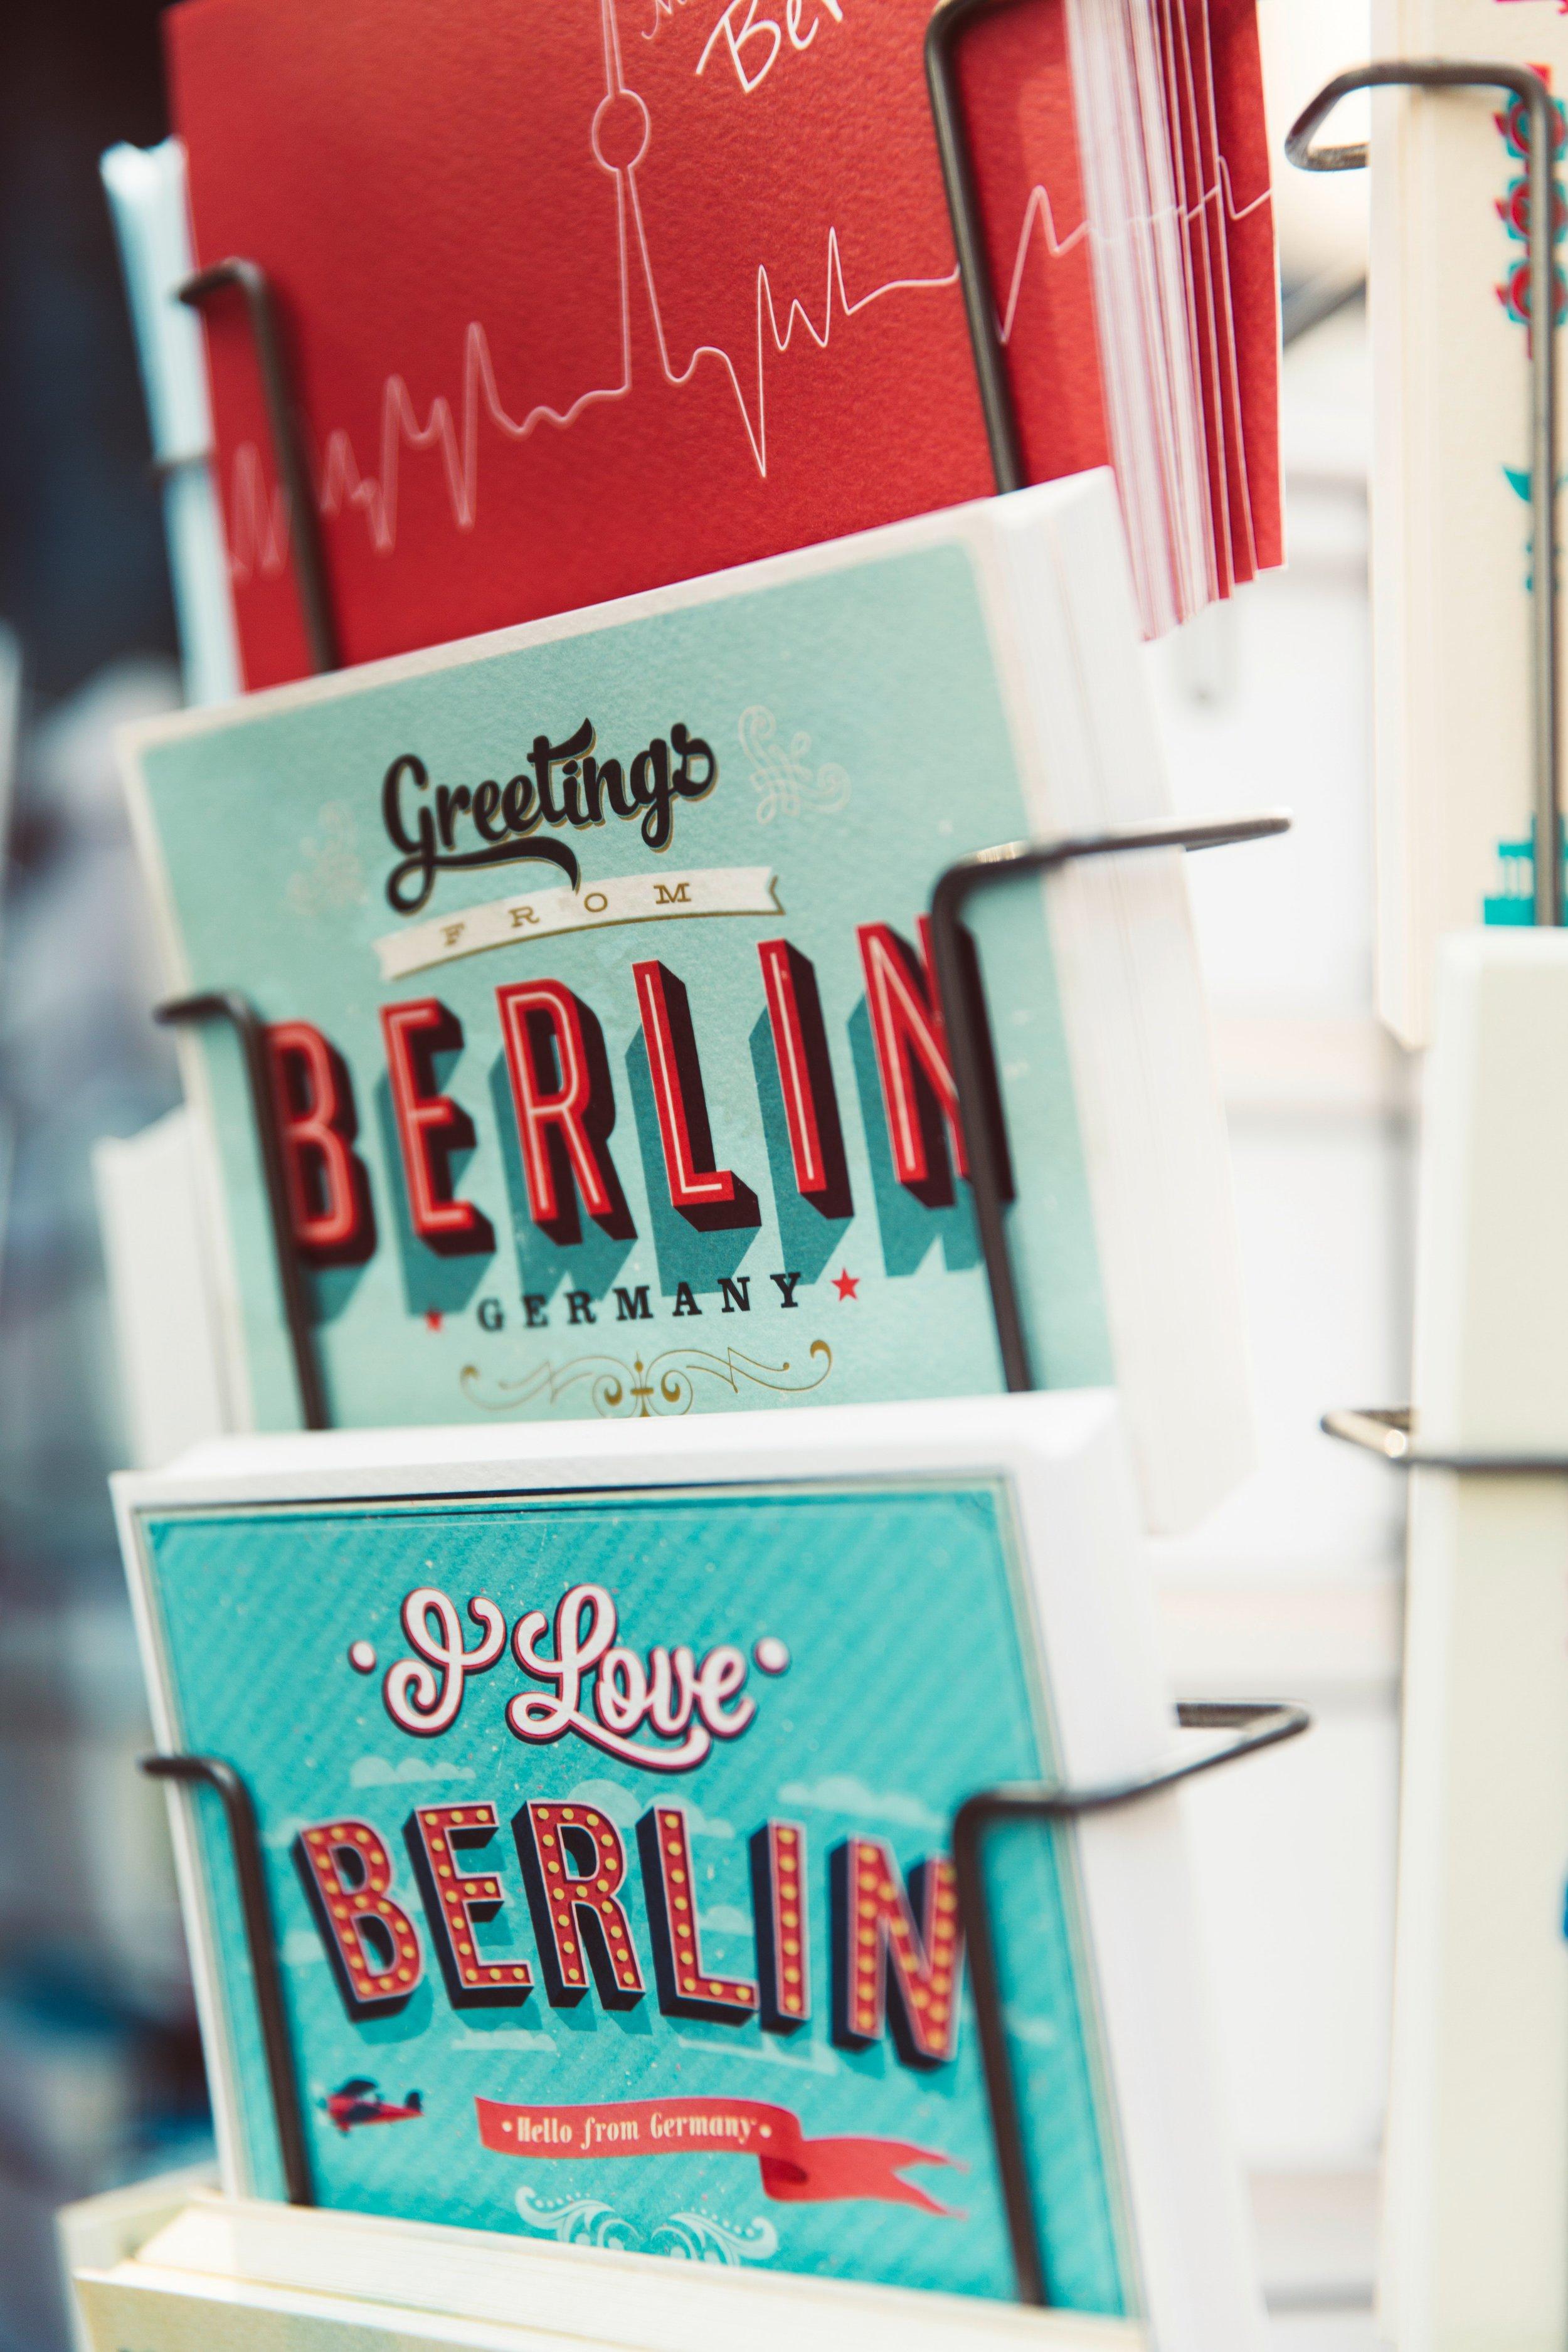 berlin-book-stand-books-179941.jpg